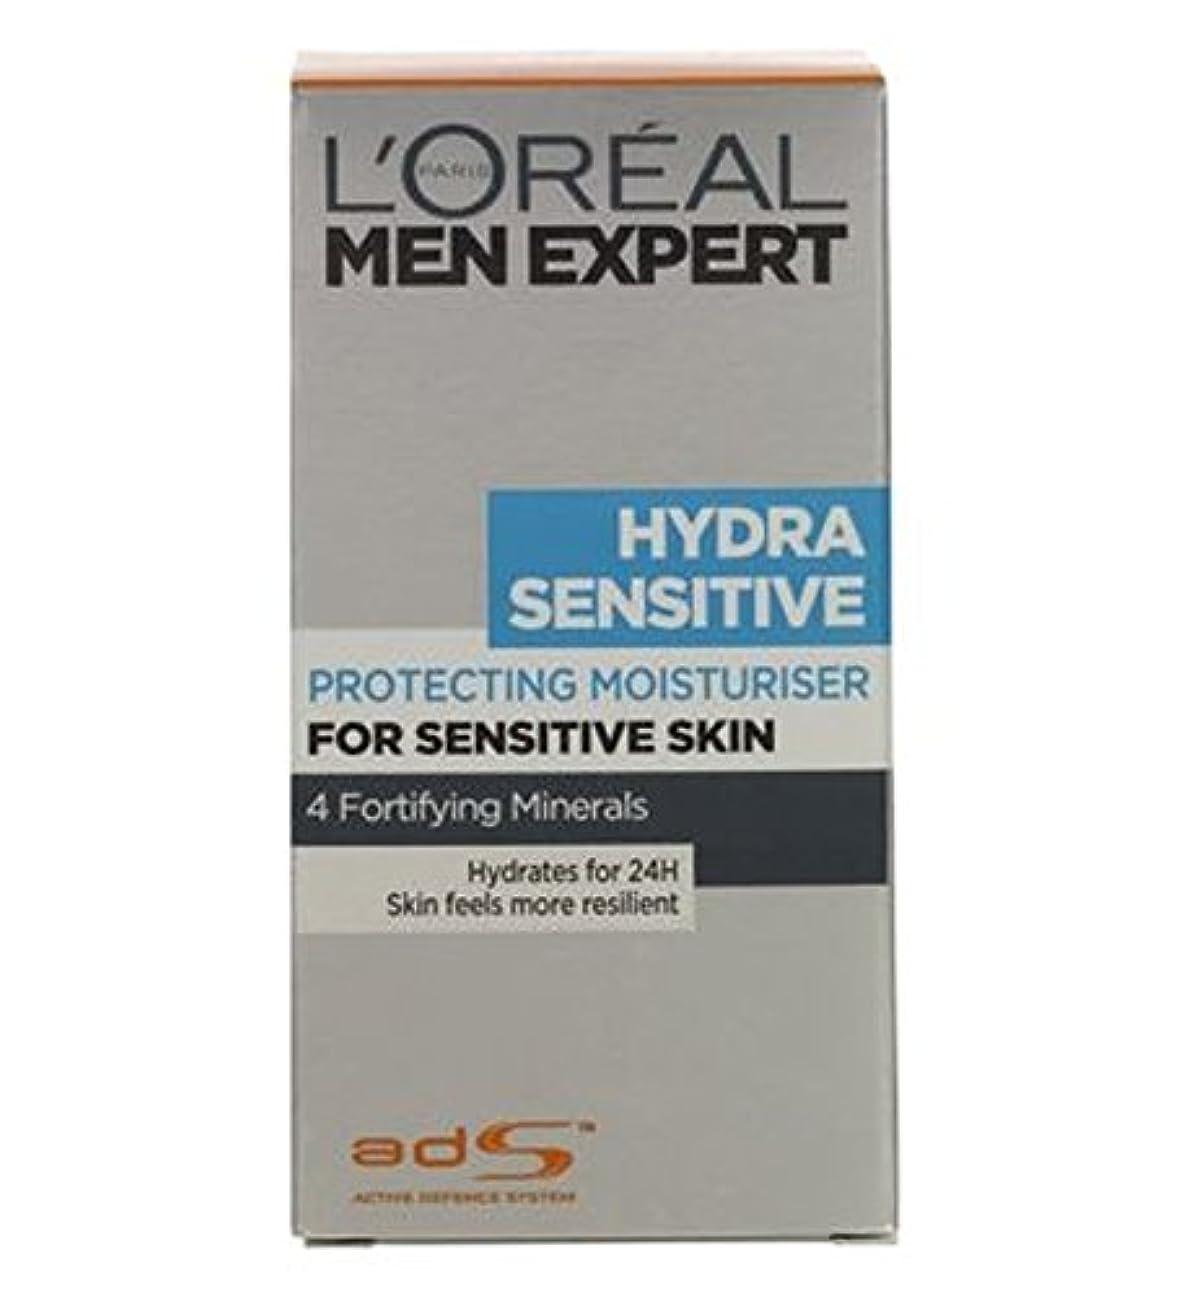 比類のない同等のギャップロレアルの男性の専門家ヒドラ敏感な保湿クリーム50Ml (L'Oreal) (x2) - L'Oreal Men Expert Hydra Sensitive Moisturiser 50ml (Pack of 2) [並行輸入品]